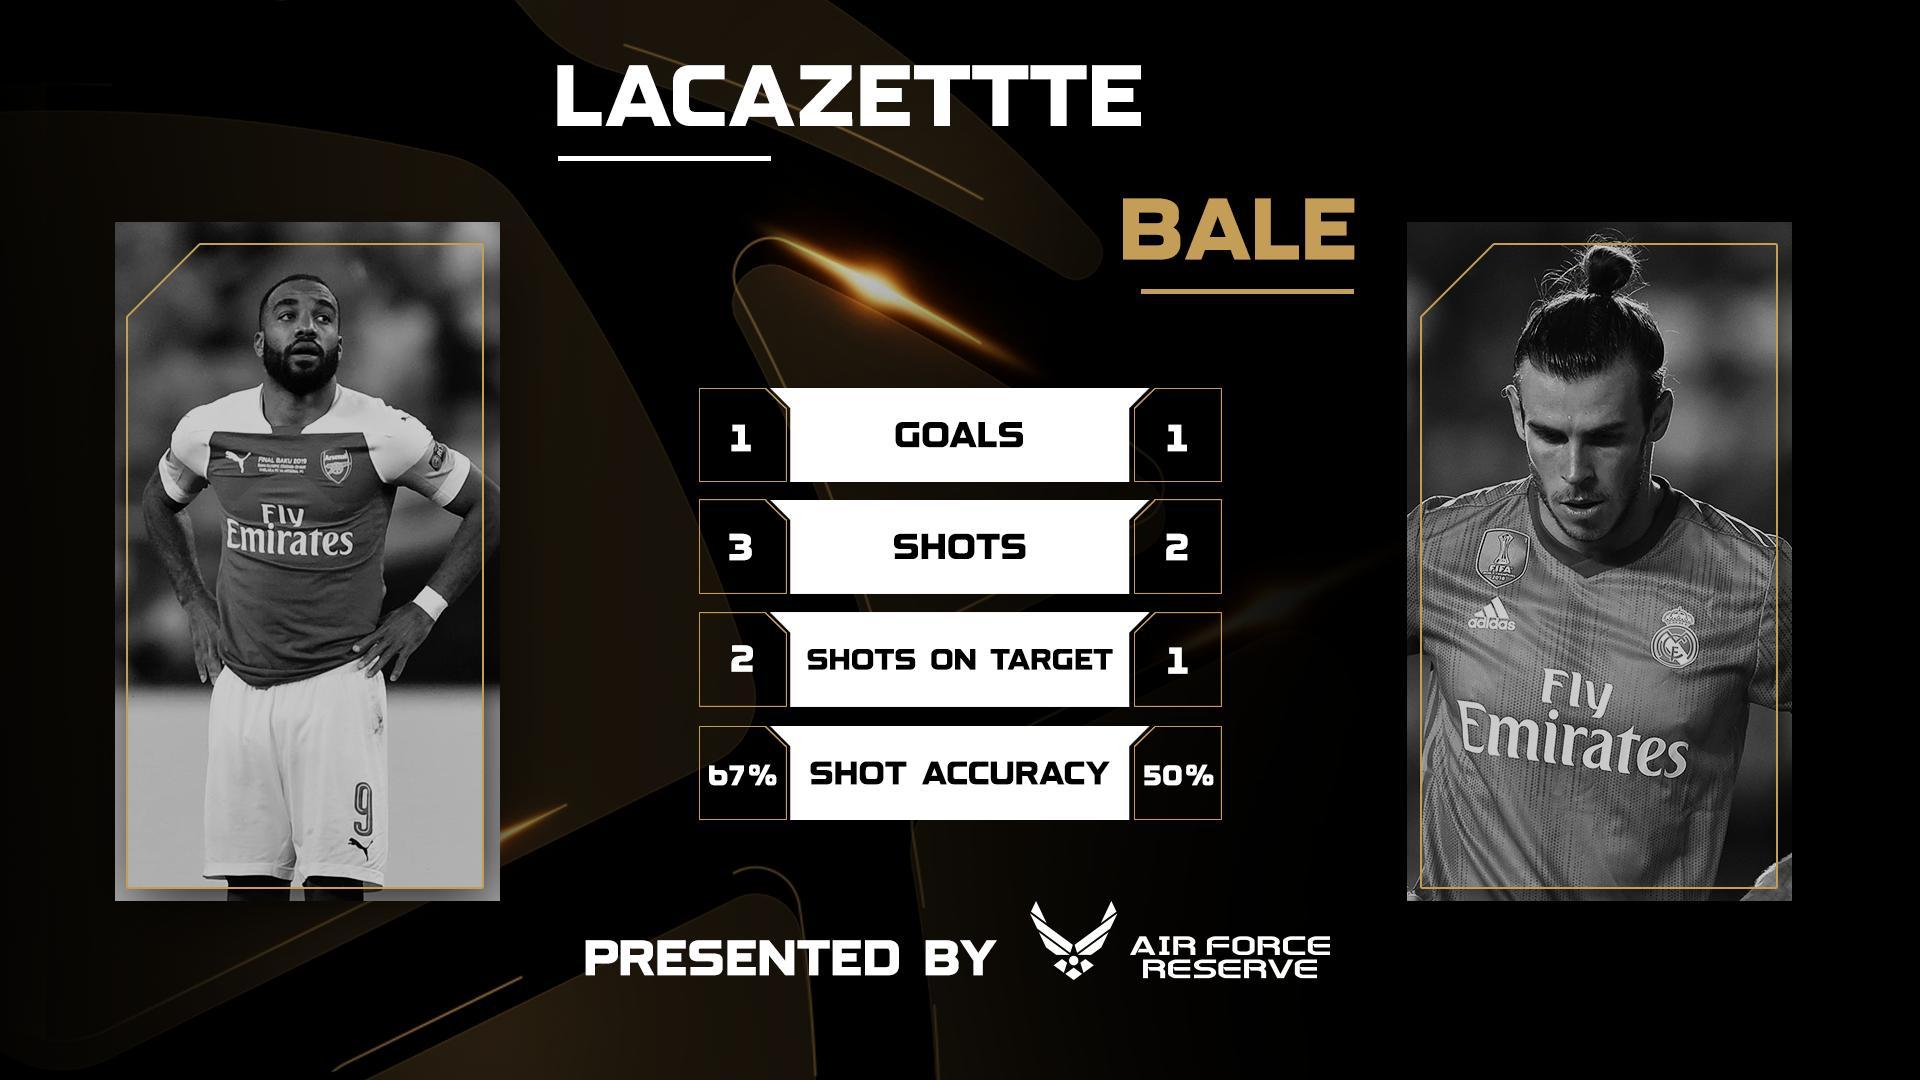 Perbandingan statistik Lacazette dengan Bale